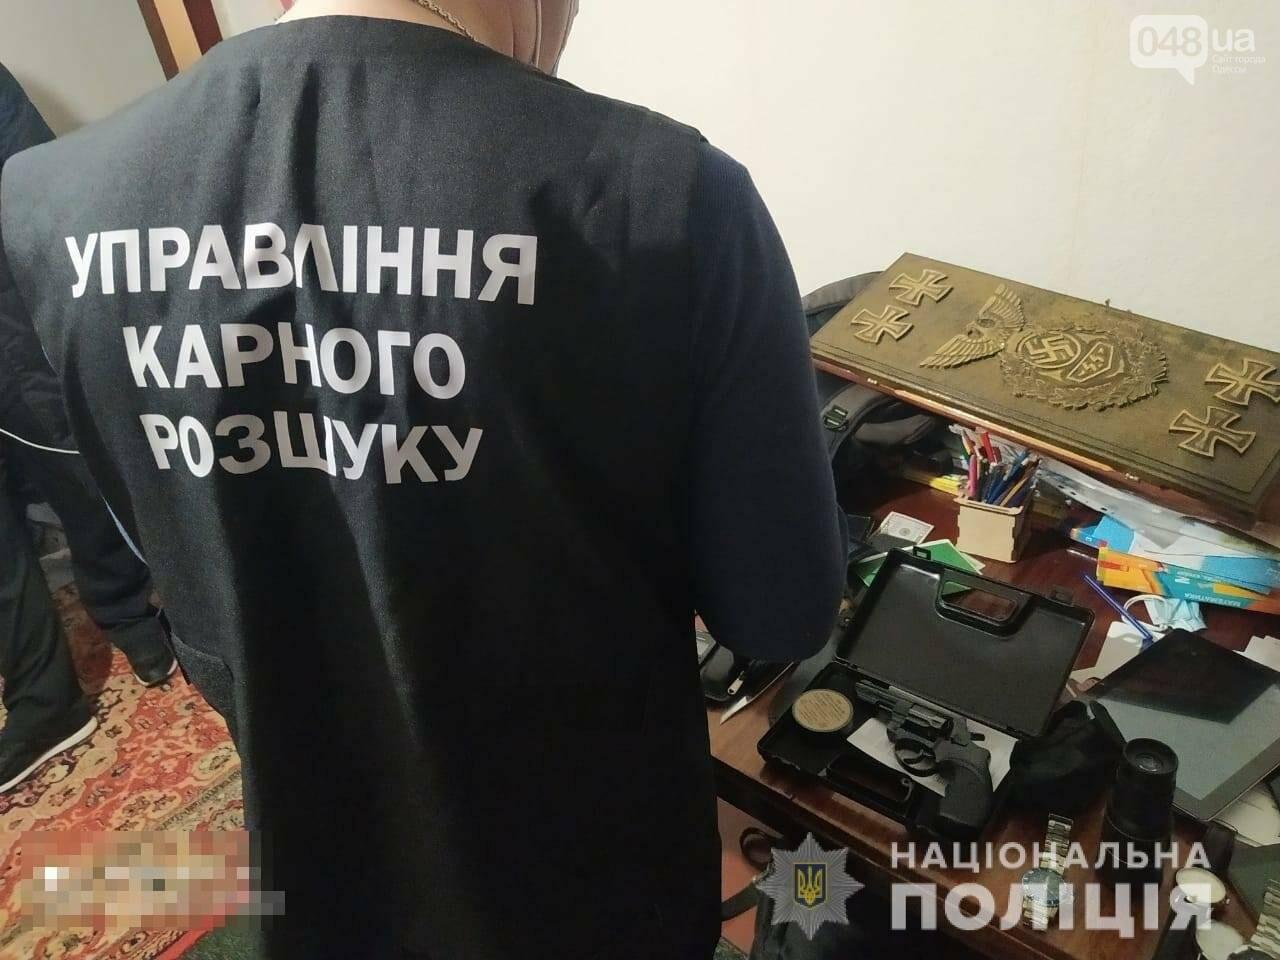 В Одессе иностранцы представлялись сотрудниками полиции и занимались вымогательством, фото-1